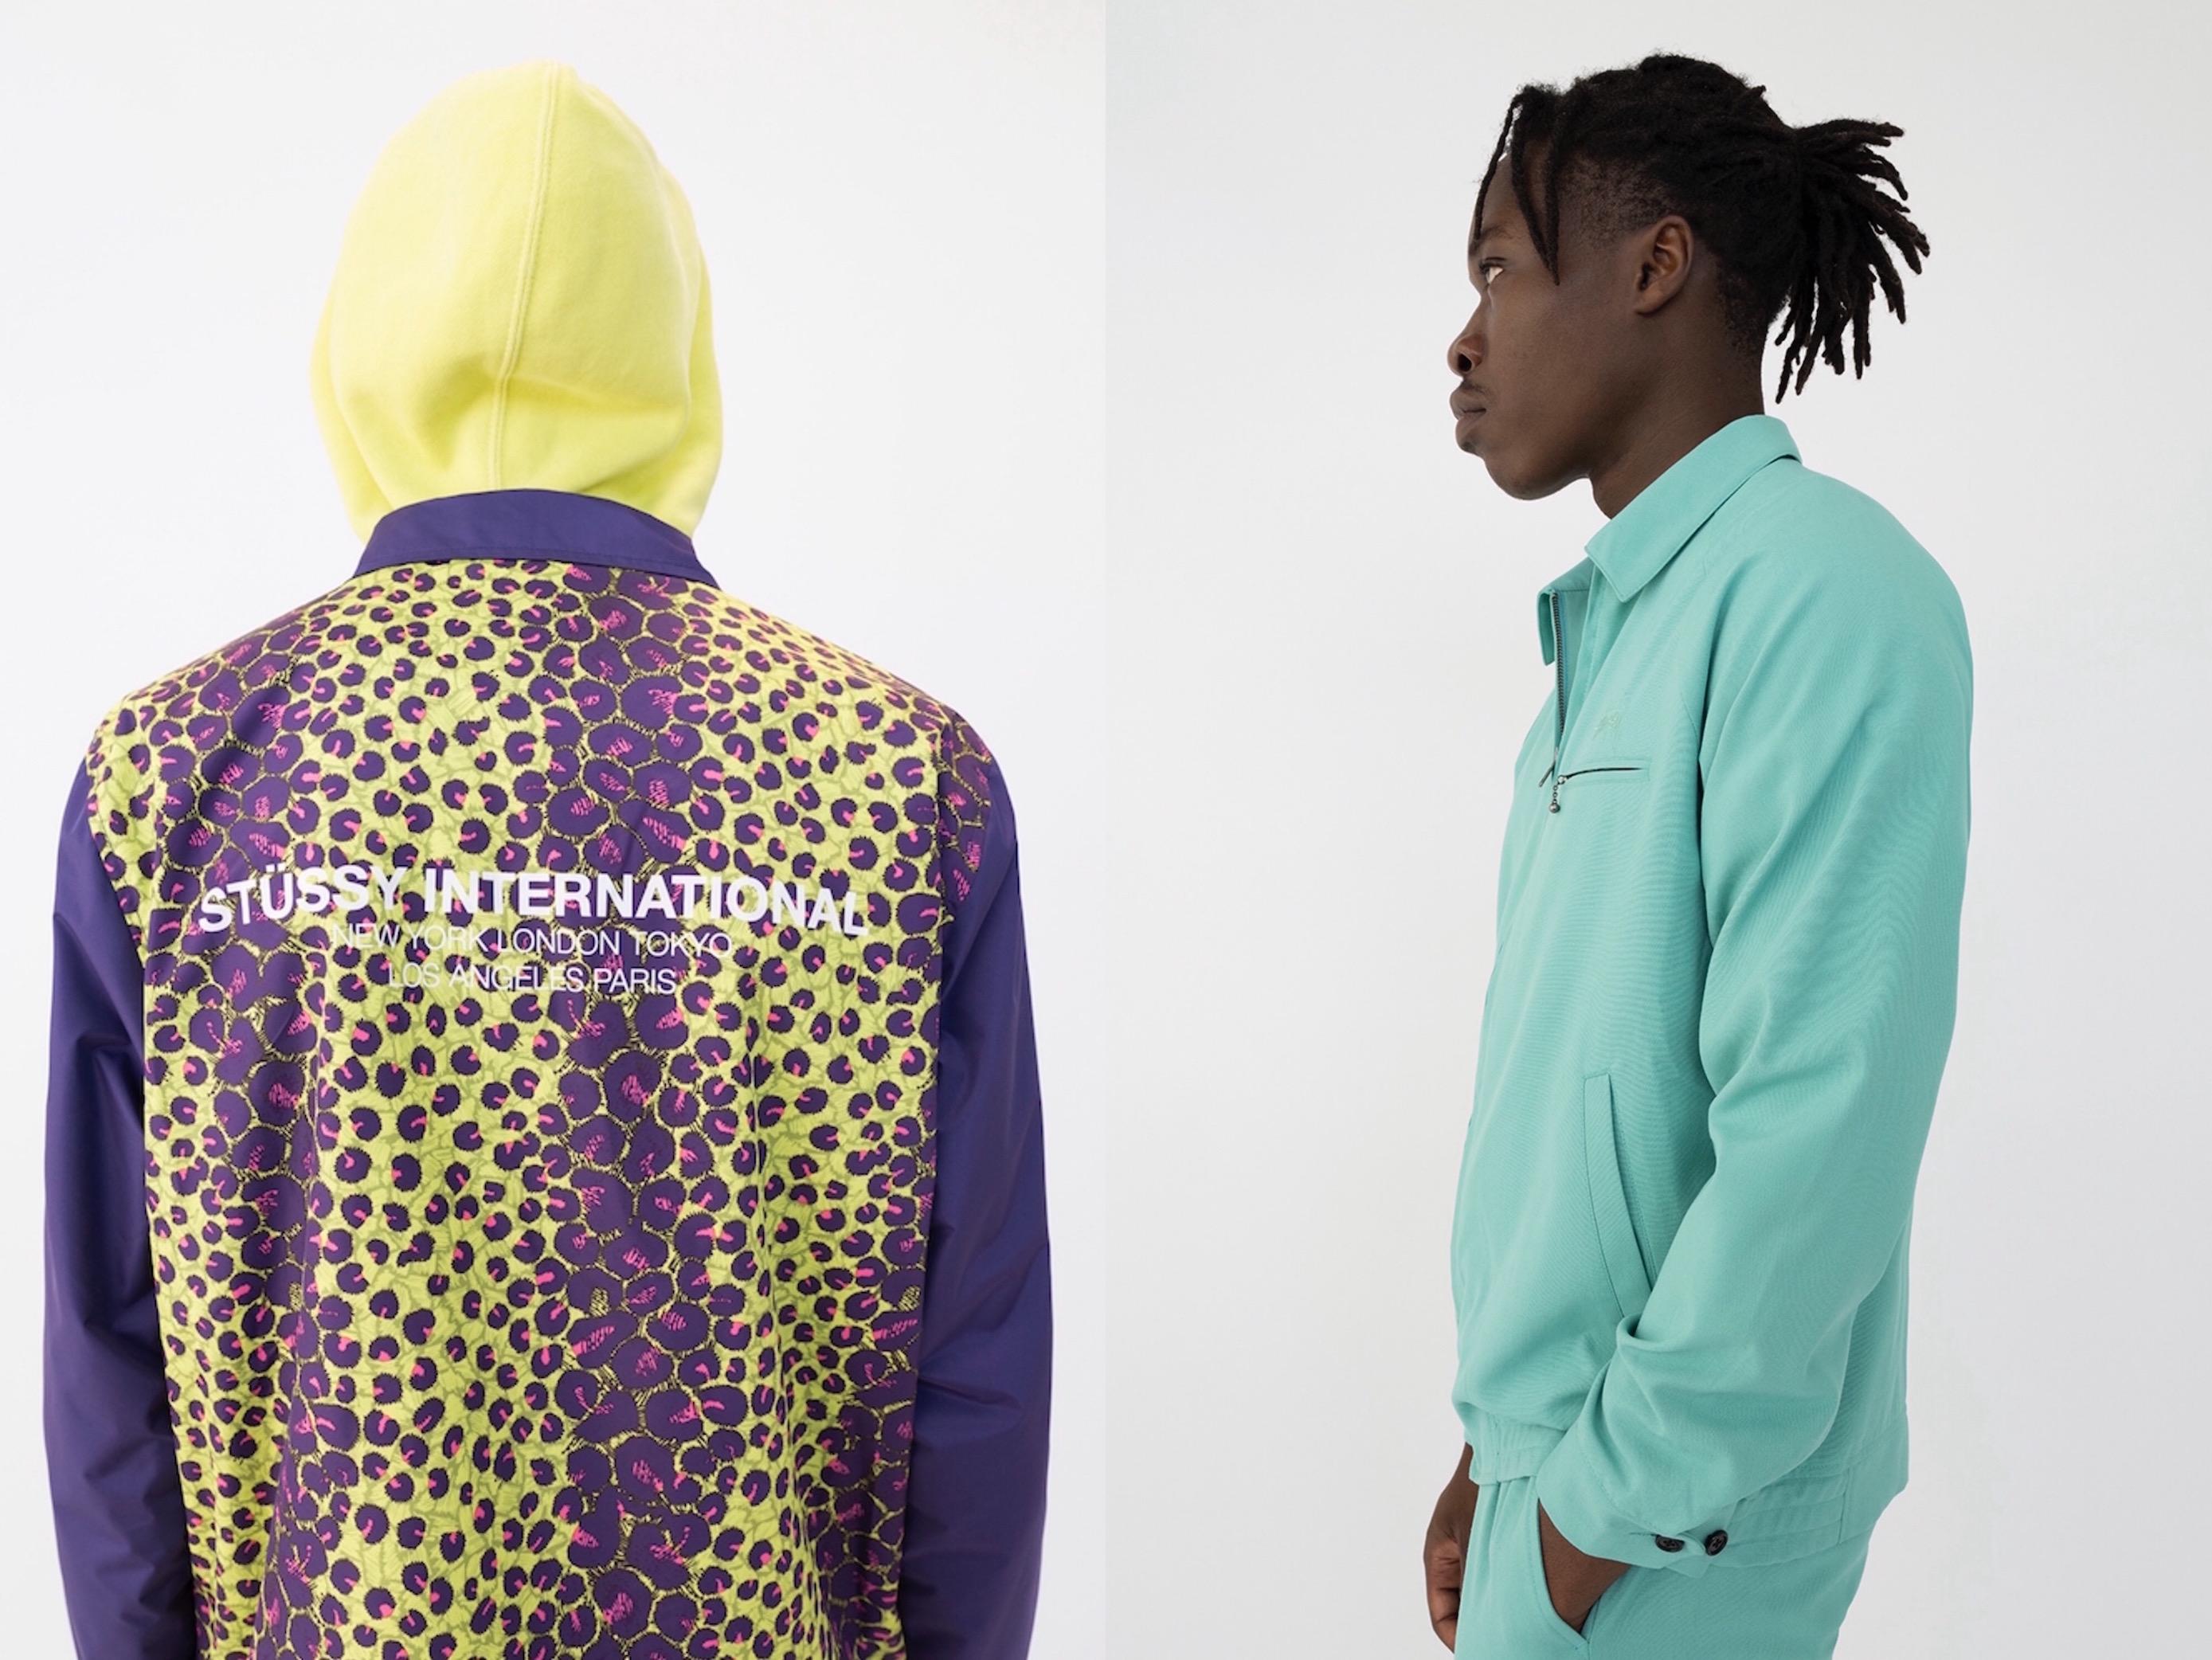 鮮烈色彩や柄、アウトドアの要素も<br>「Stüssy」2019年夏コレクション